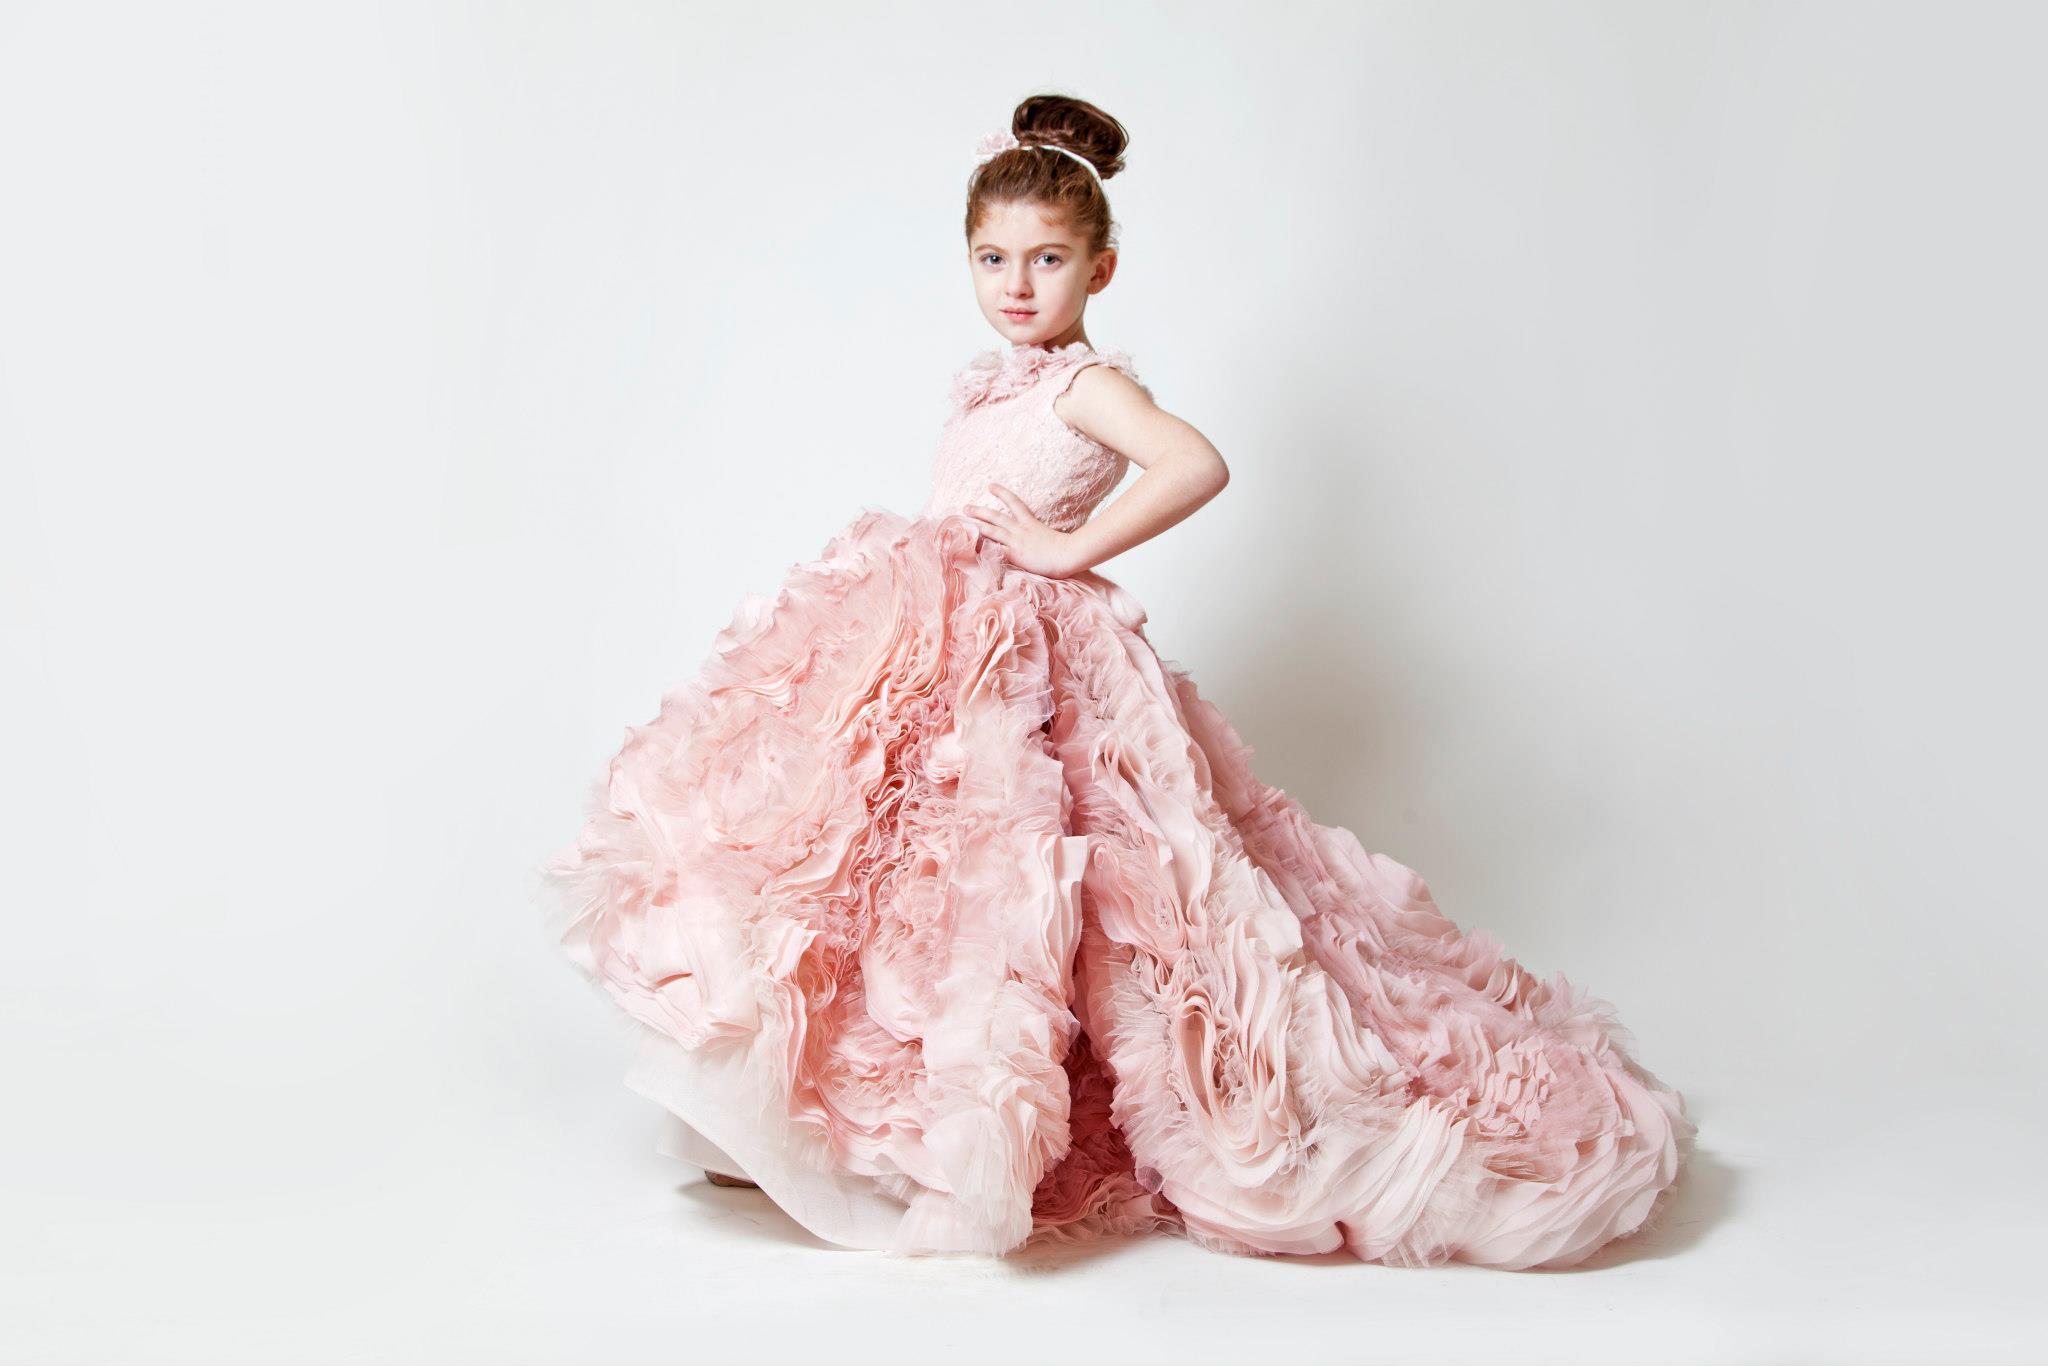 Couture Flower Girl Dresses | Burnett\'s Boards - Daily Wedding ...